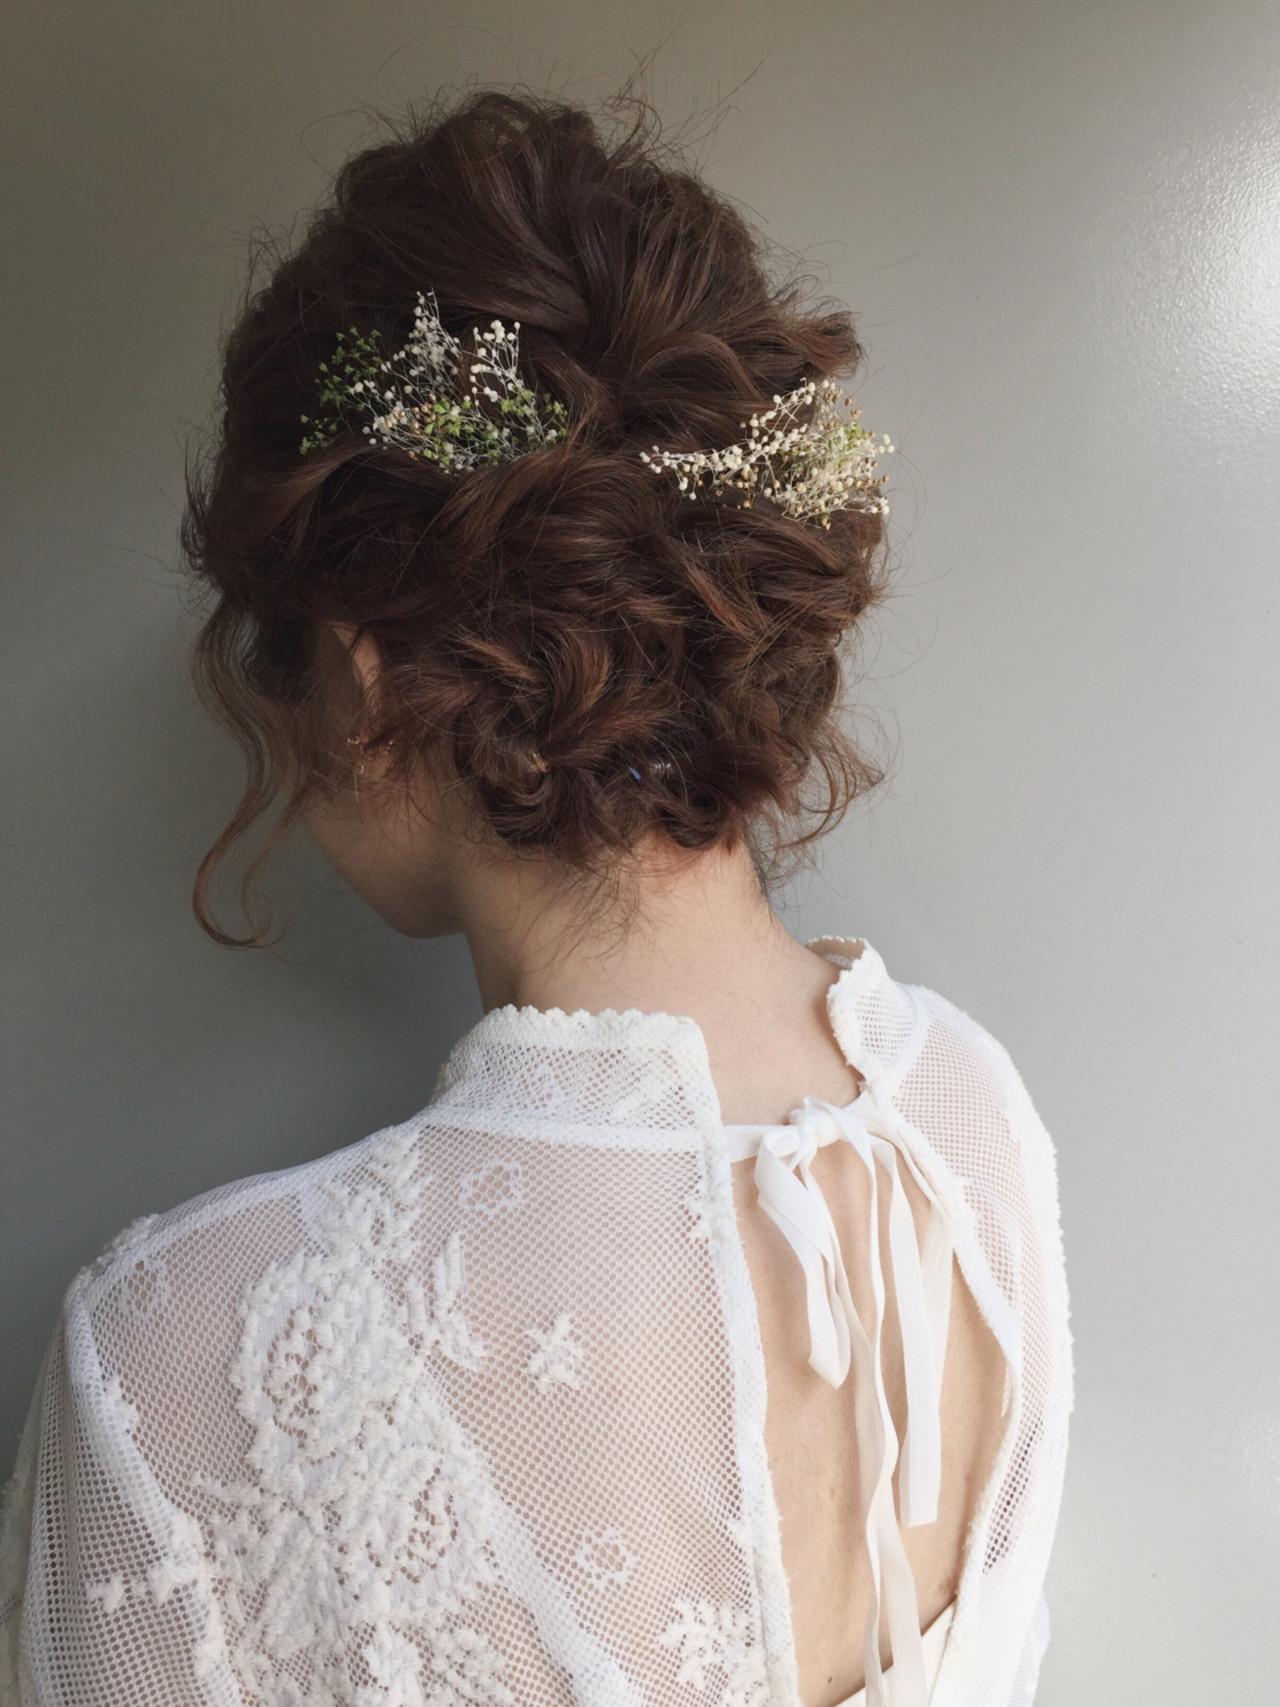 ボブの結婚式にも使えるヘアアレンジの代表といえば、アップスタイルとハーフアップアレンジです。アップスタイルは首元がすっきりとするため、ネックレスなどのアクセサリーをきれいにみせることもできますよ。